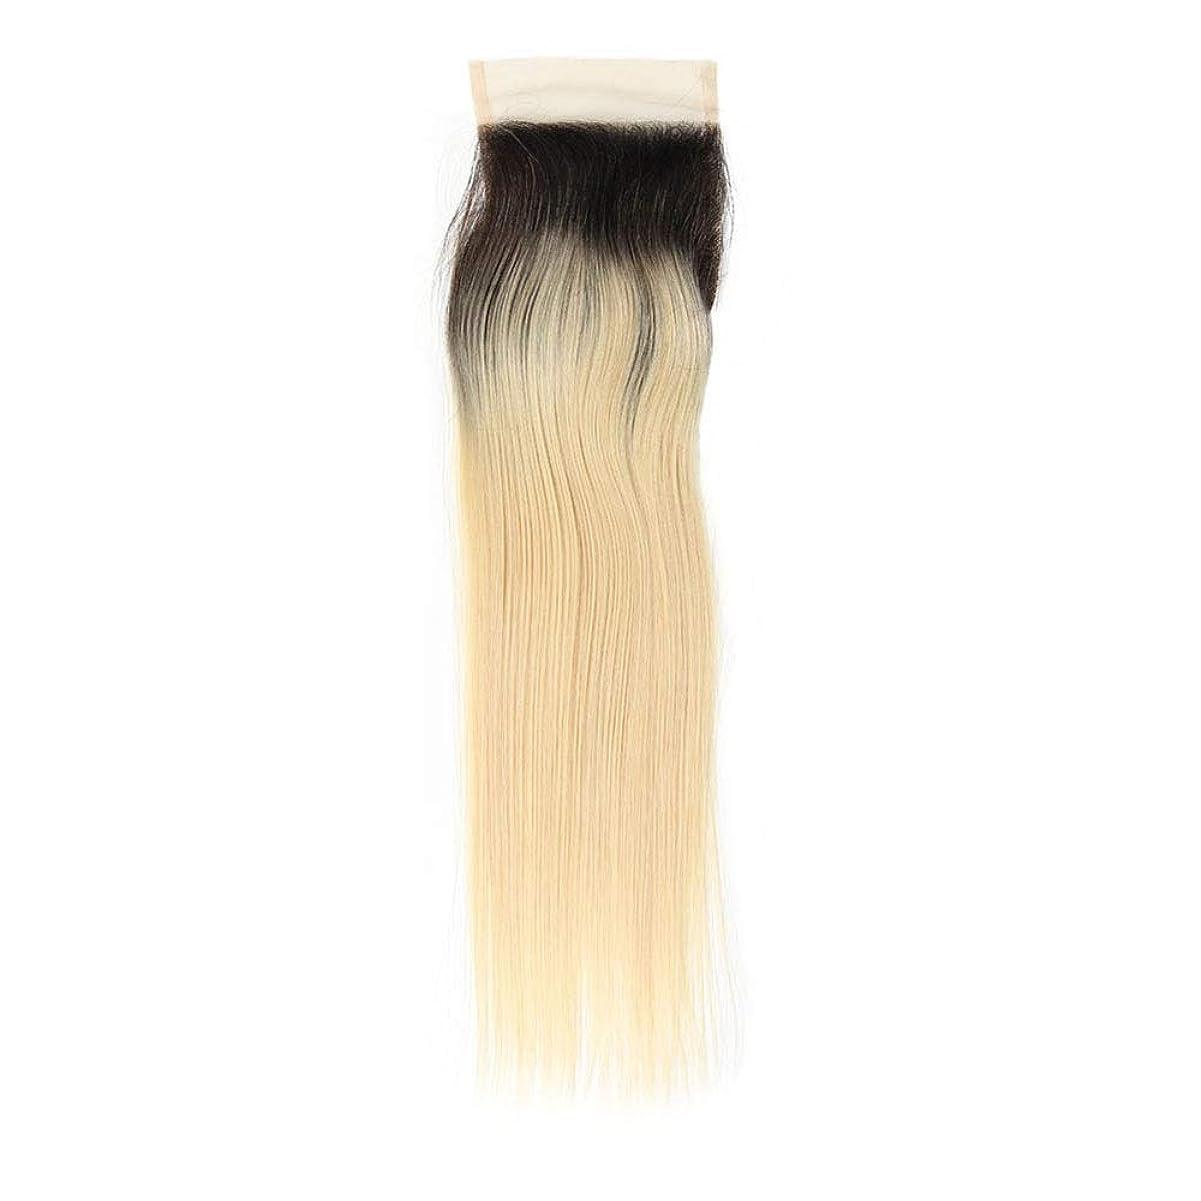 結婚式かすれた辛いBOBIDYEE ブラジル髪ブロンド織り1B / 613#ストレート人毛エクステンション13X4フリーパーツレース前頭女性複合かつらレースかつらロールプレイングかつら (色 : Blonde, サイズ : 10 inch)